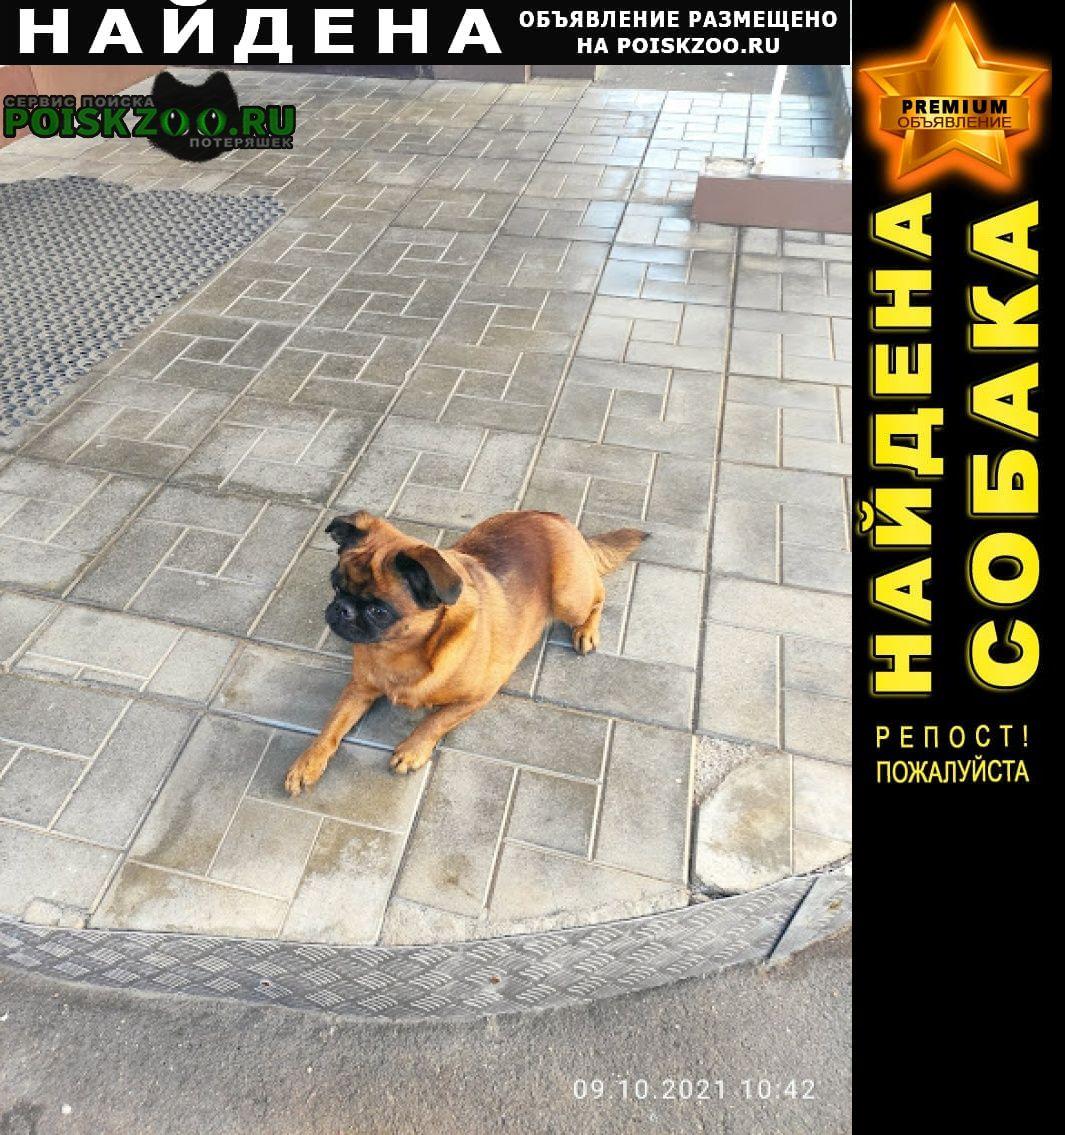 Найдена собака Подольск